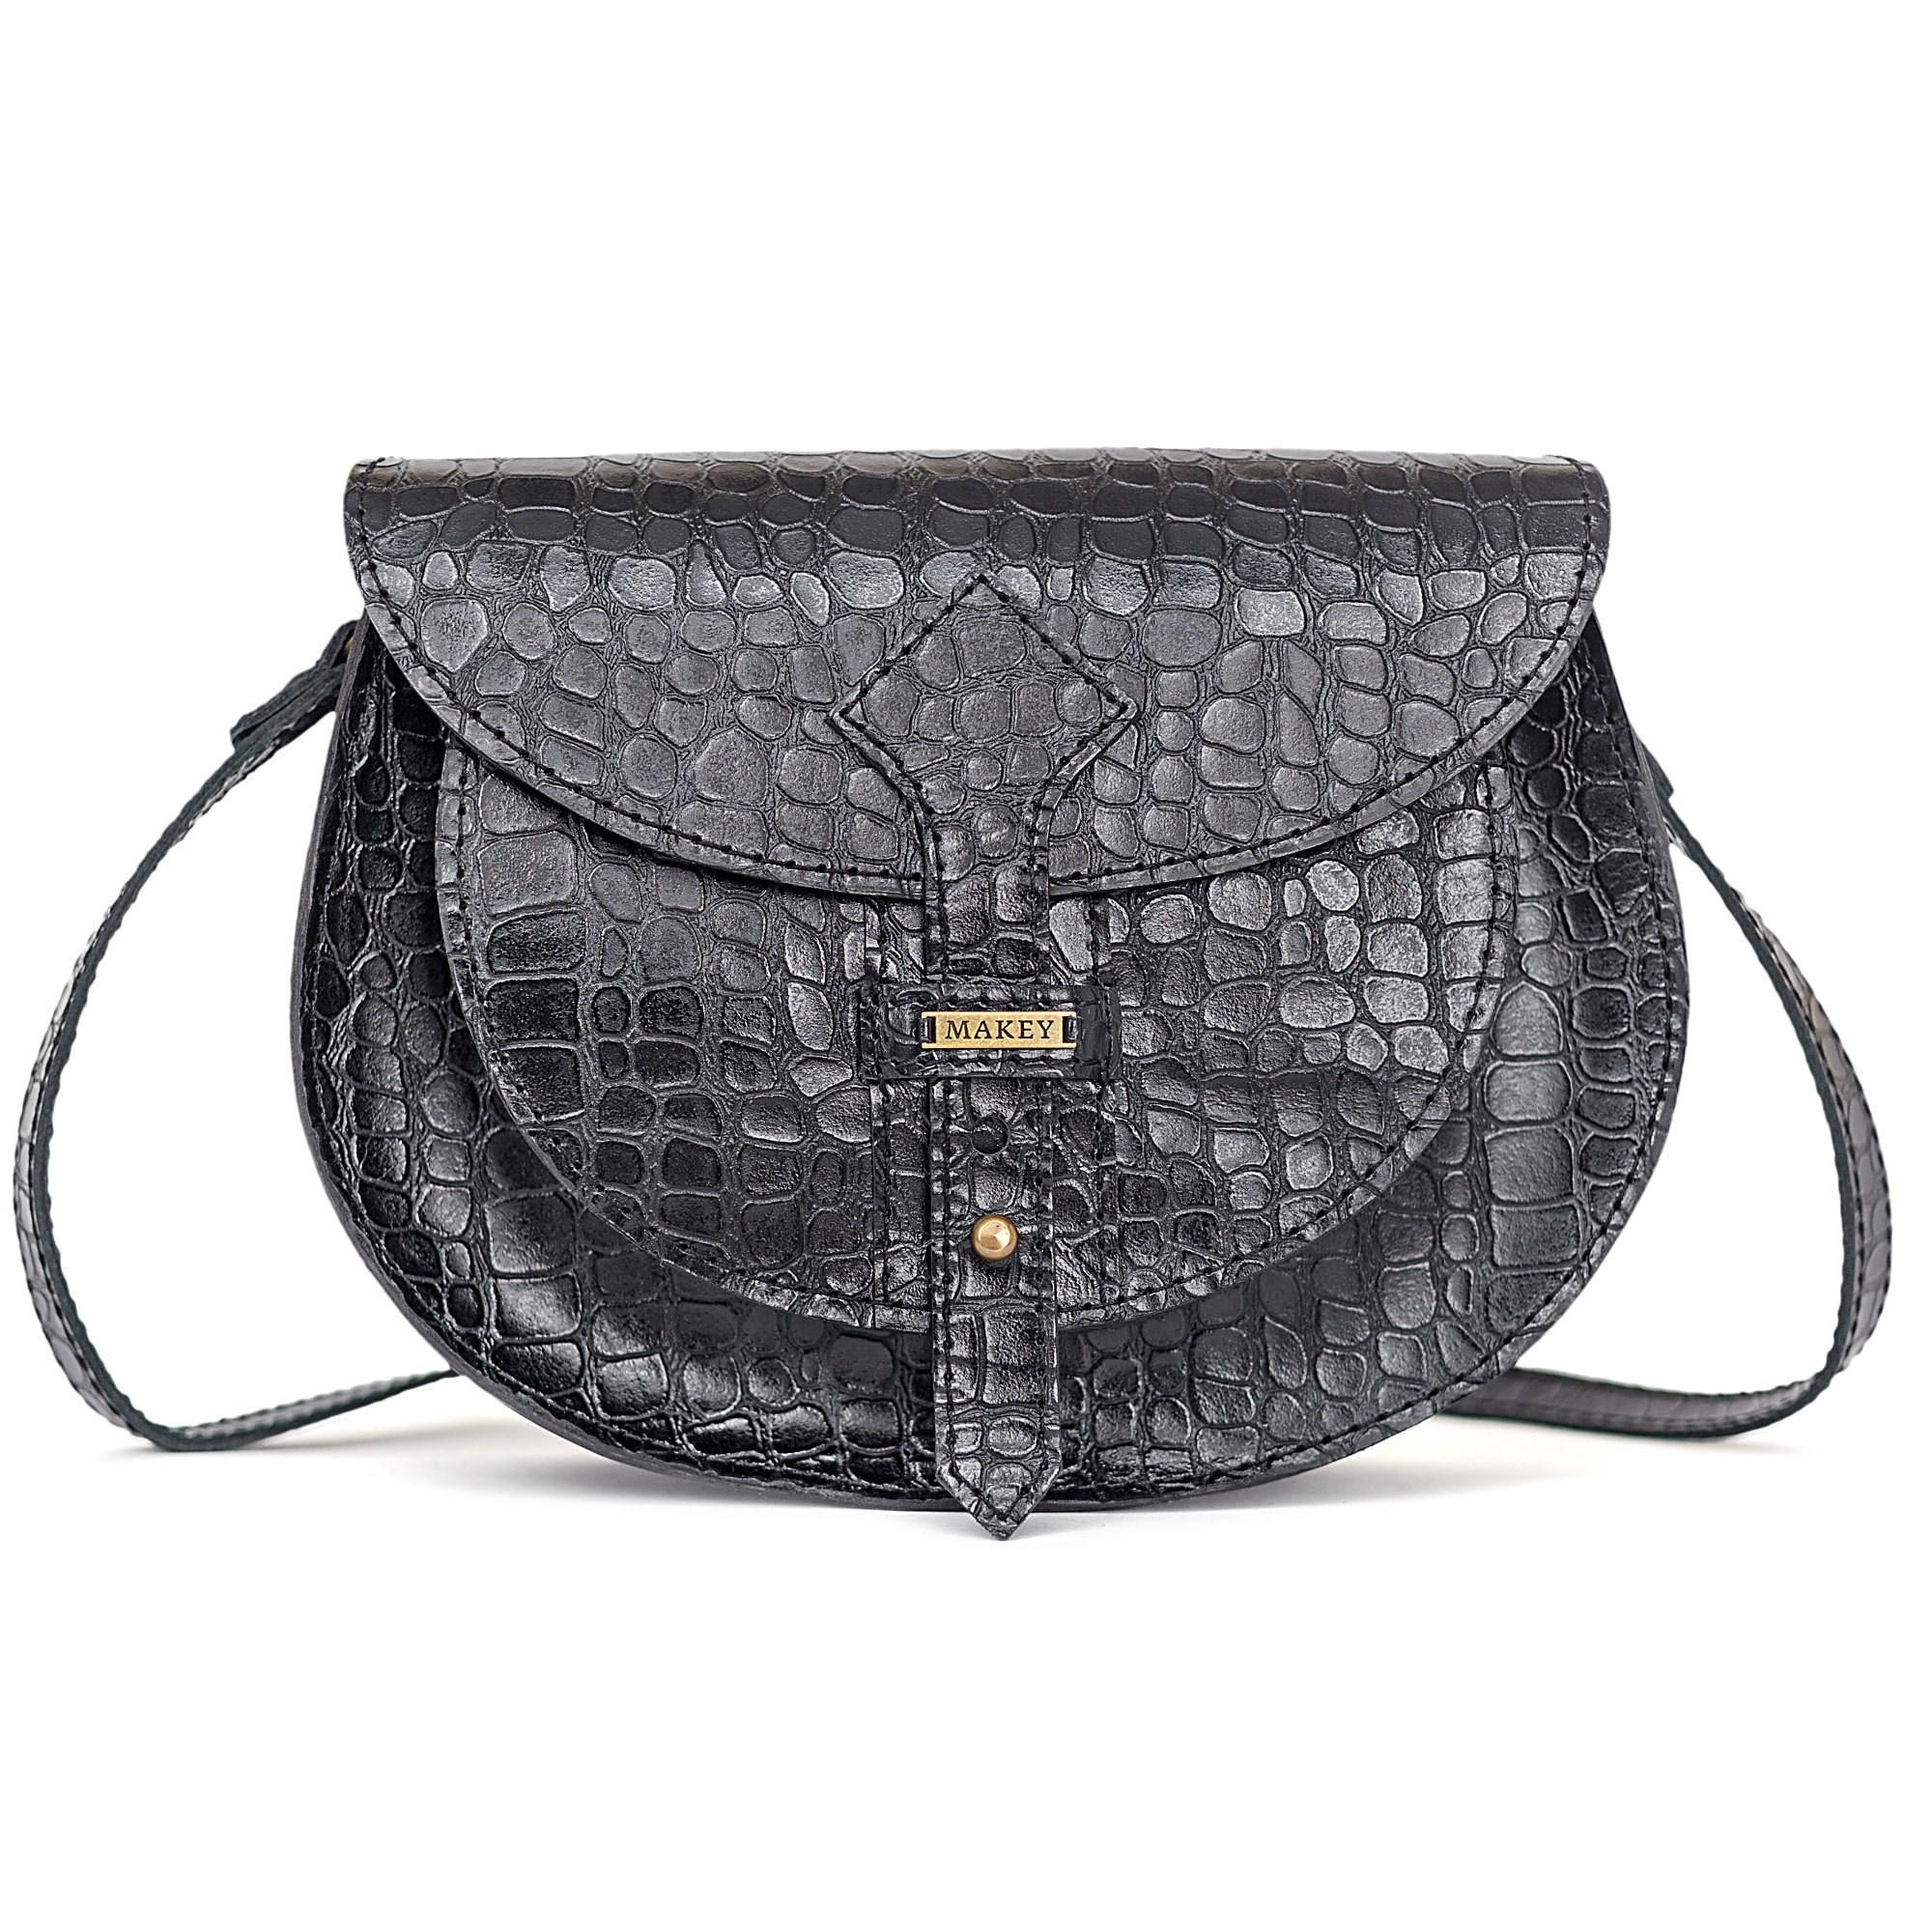 59c6c2e9e651 Оригинальная женская сумочка   Женские сумки   купить в Подарки.ру